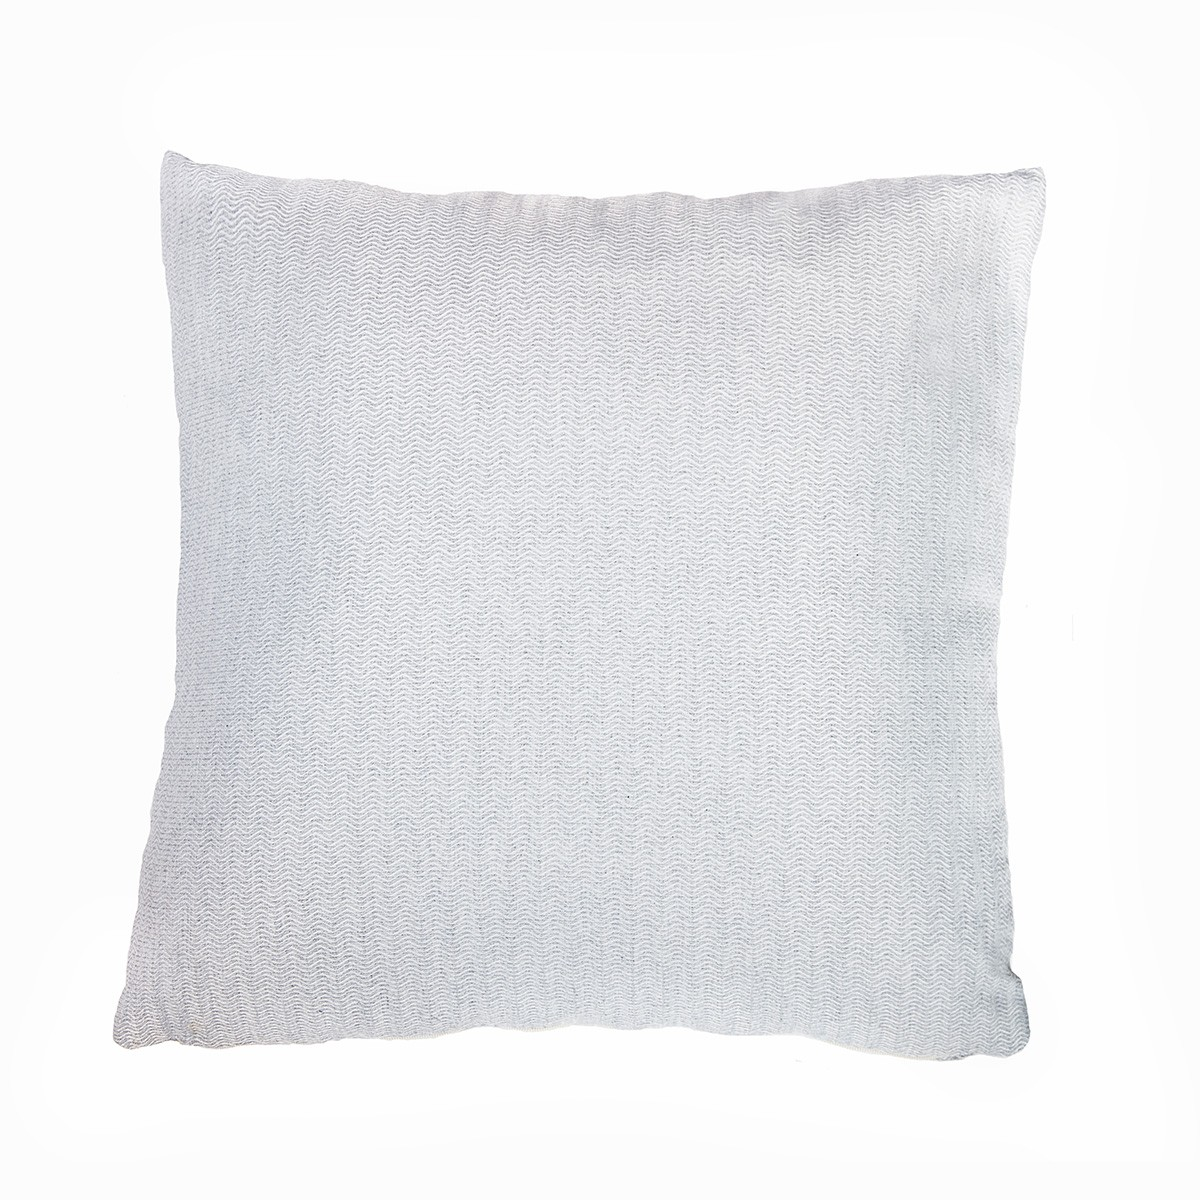 Διακοσμητική Μαξιλαροθήκη Loom To Room Chevron L.Grey home   σαλόνι   διακοσμητικά μαξιλάρια